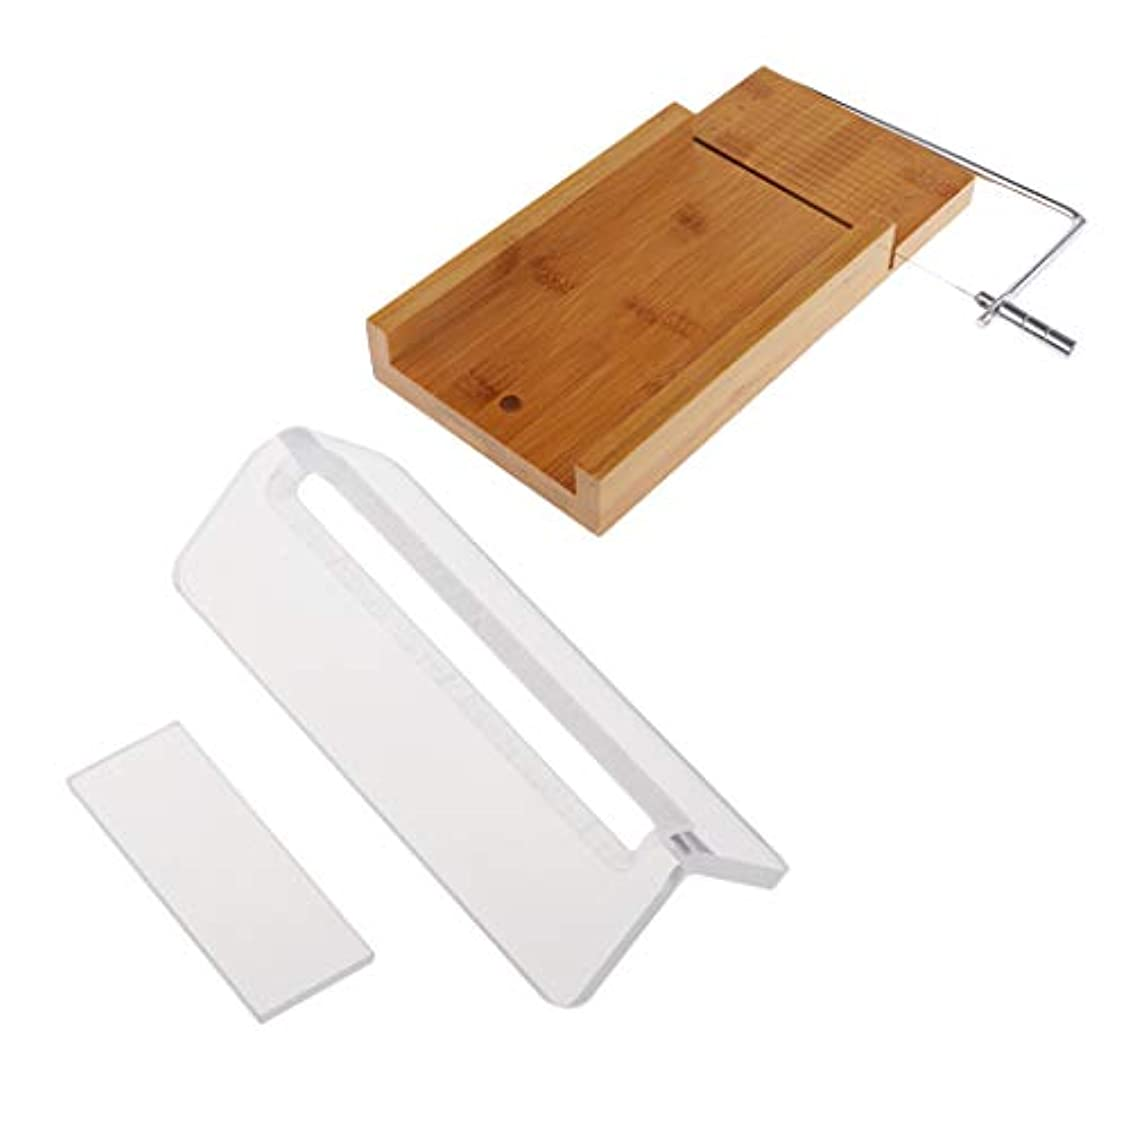 機械的に破壊的な三角形FLAMEER ローフカッター 木製 ソープ包丁 石鹸カッター 手作り石鹸 DIY キッチン用品 2個入り